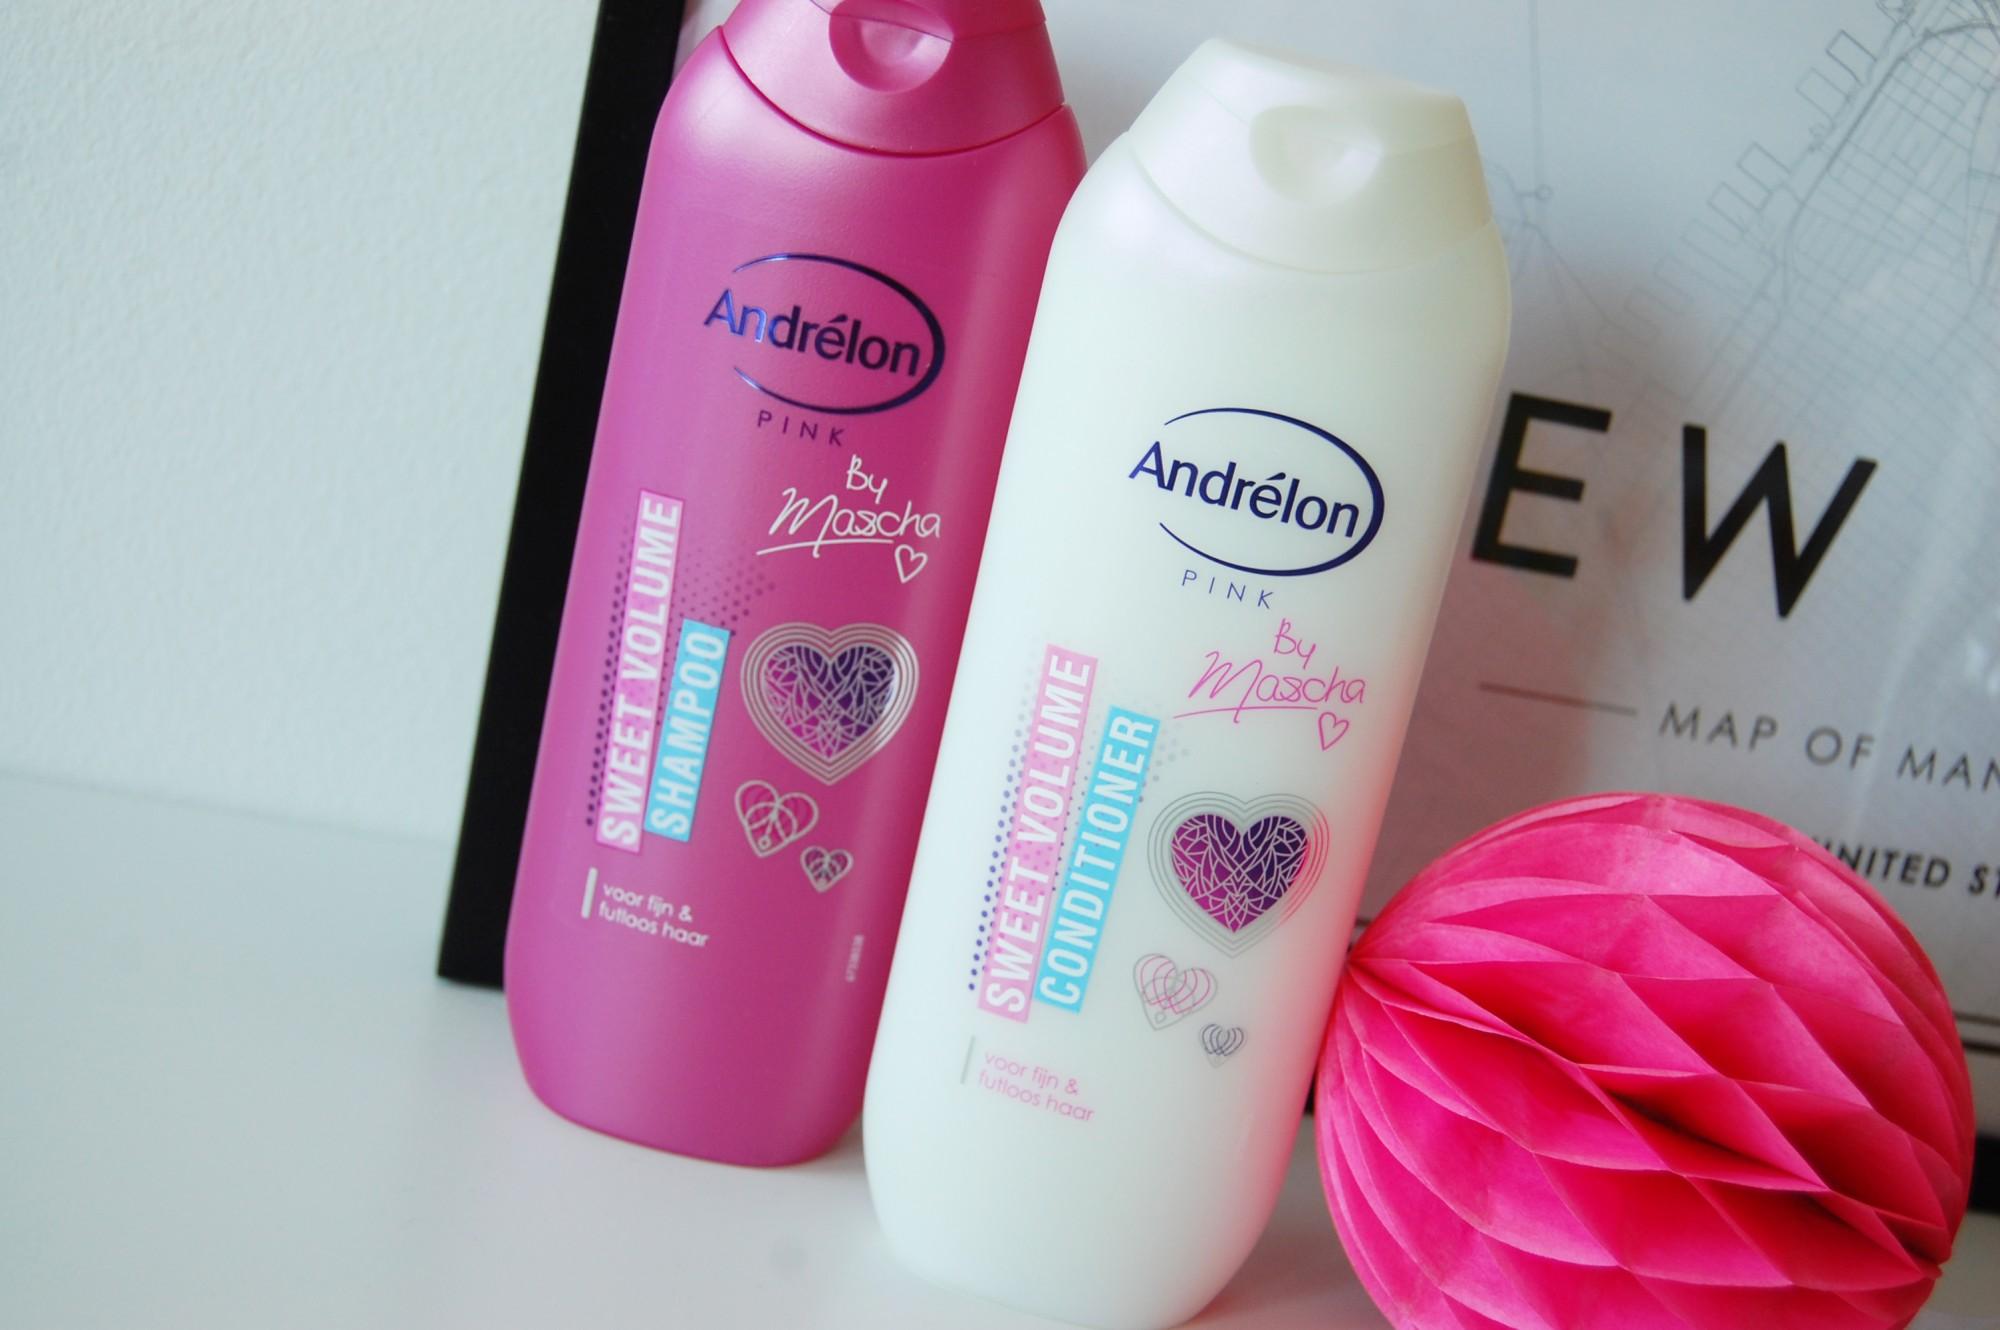 Andrélon Pink by Mascha